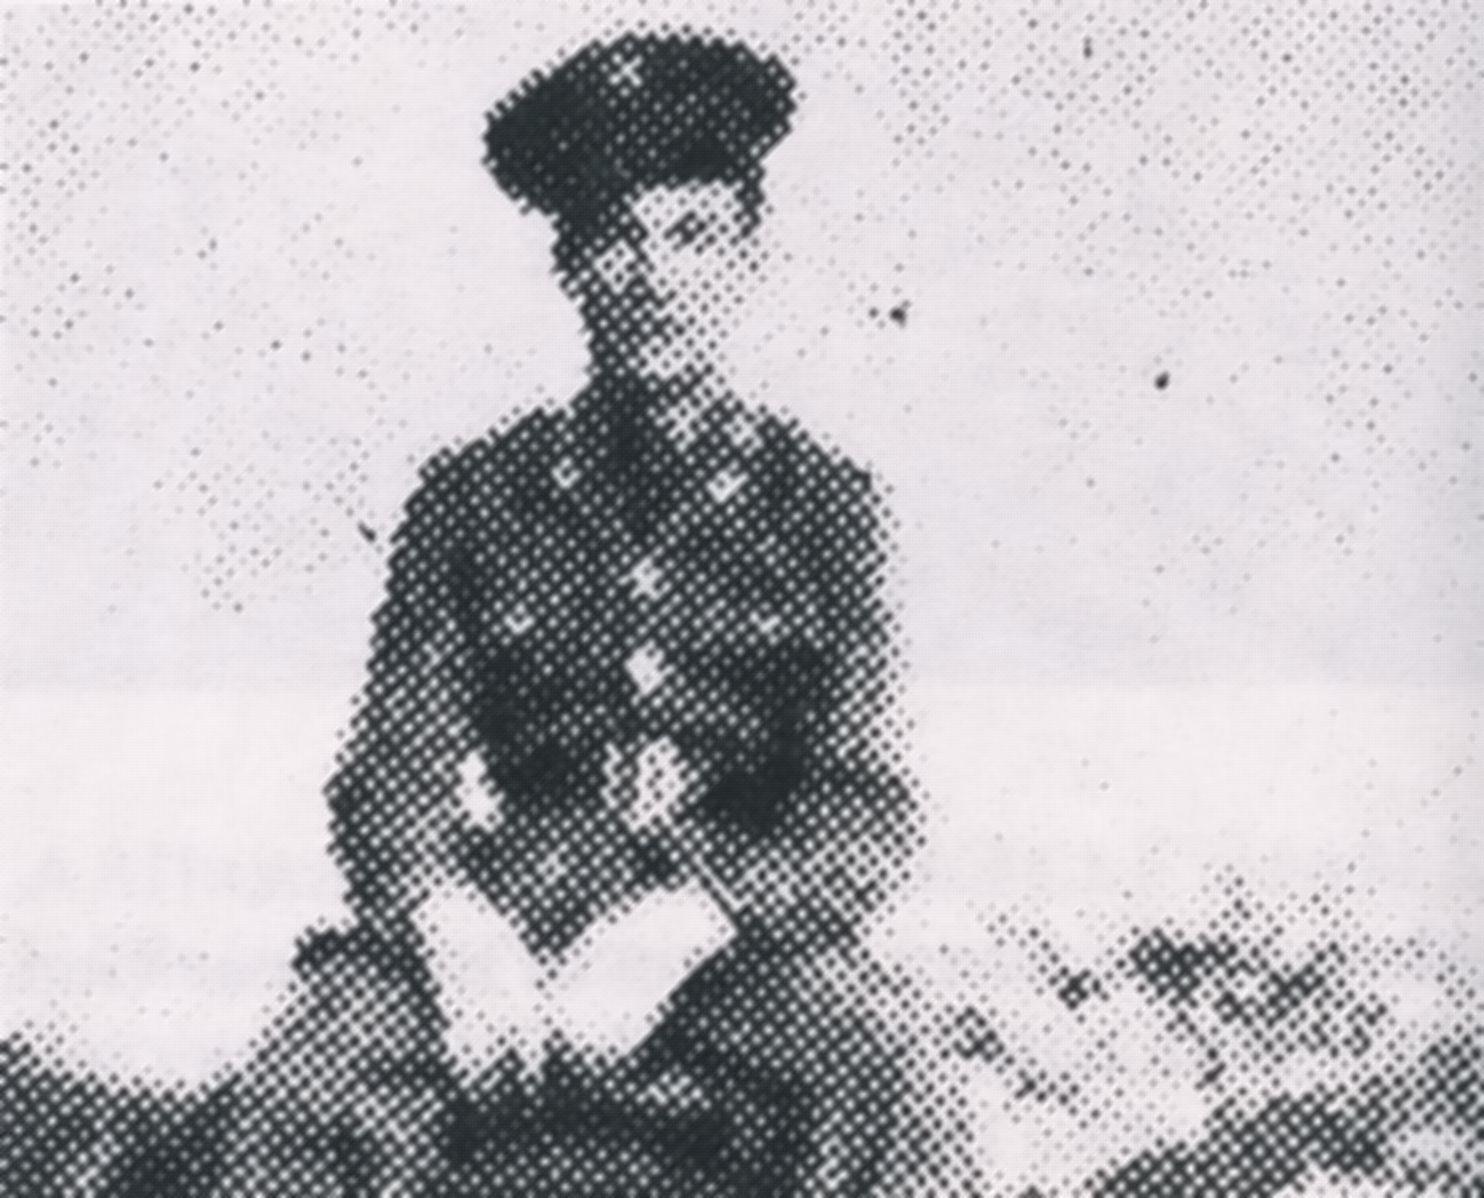 Sgt William B. Alvis